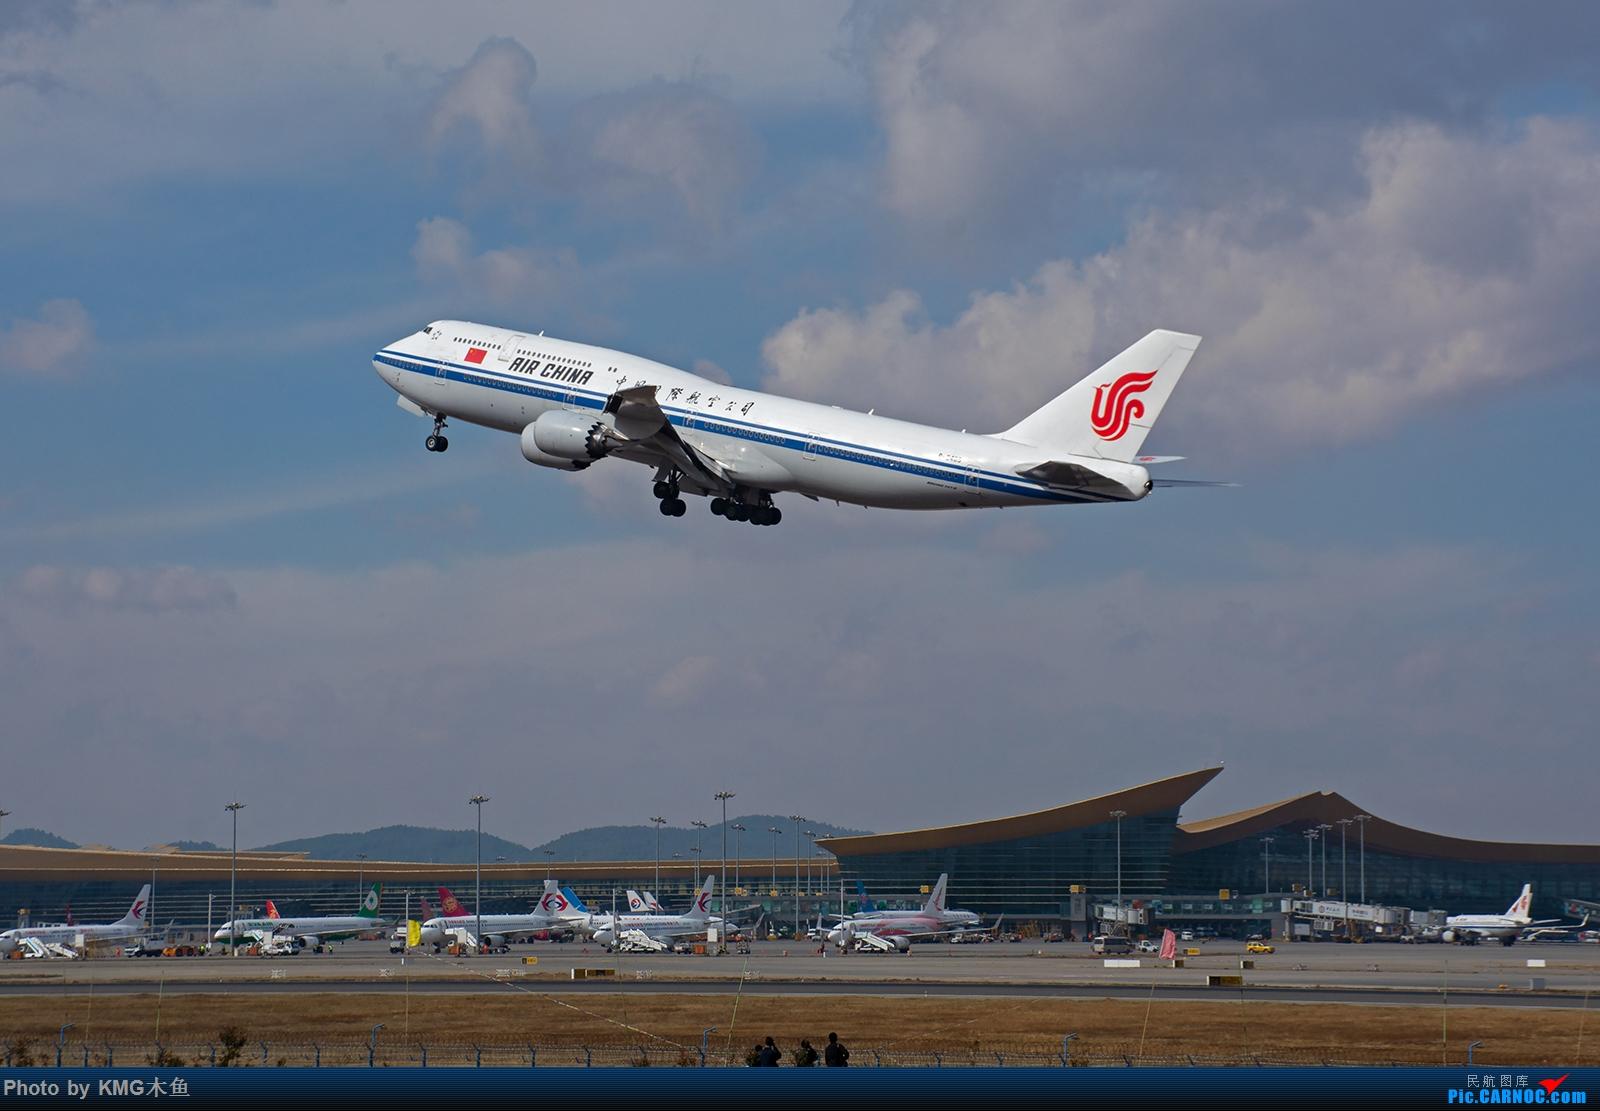 [原创]【2020昆明长水国际机场——KMG木鱼拍机】今年第一次发帖,老地方,见证大飞机起飞 BOEING 747-8I B-2485 中国昆明长水国际机场